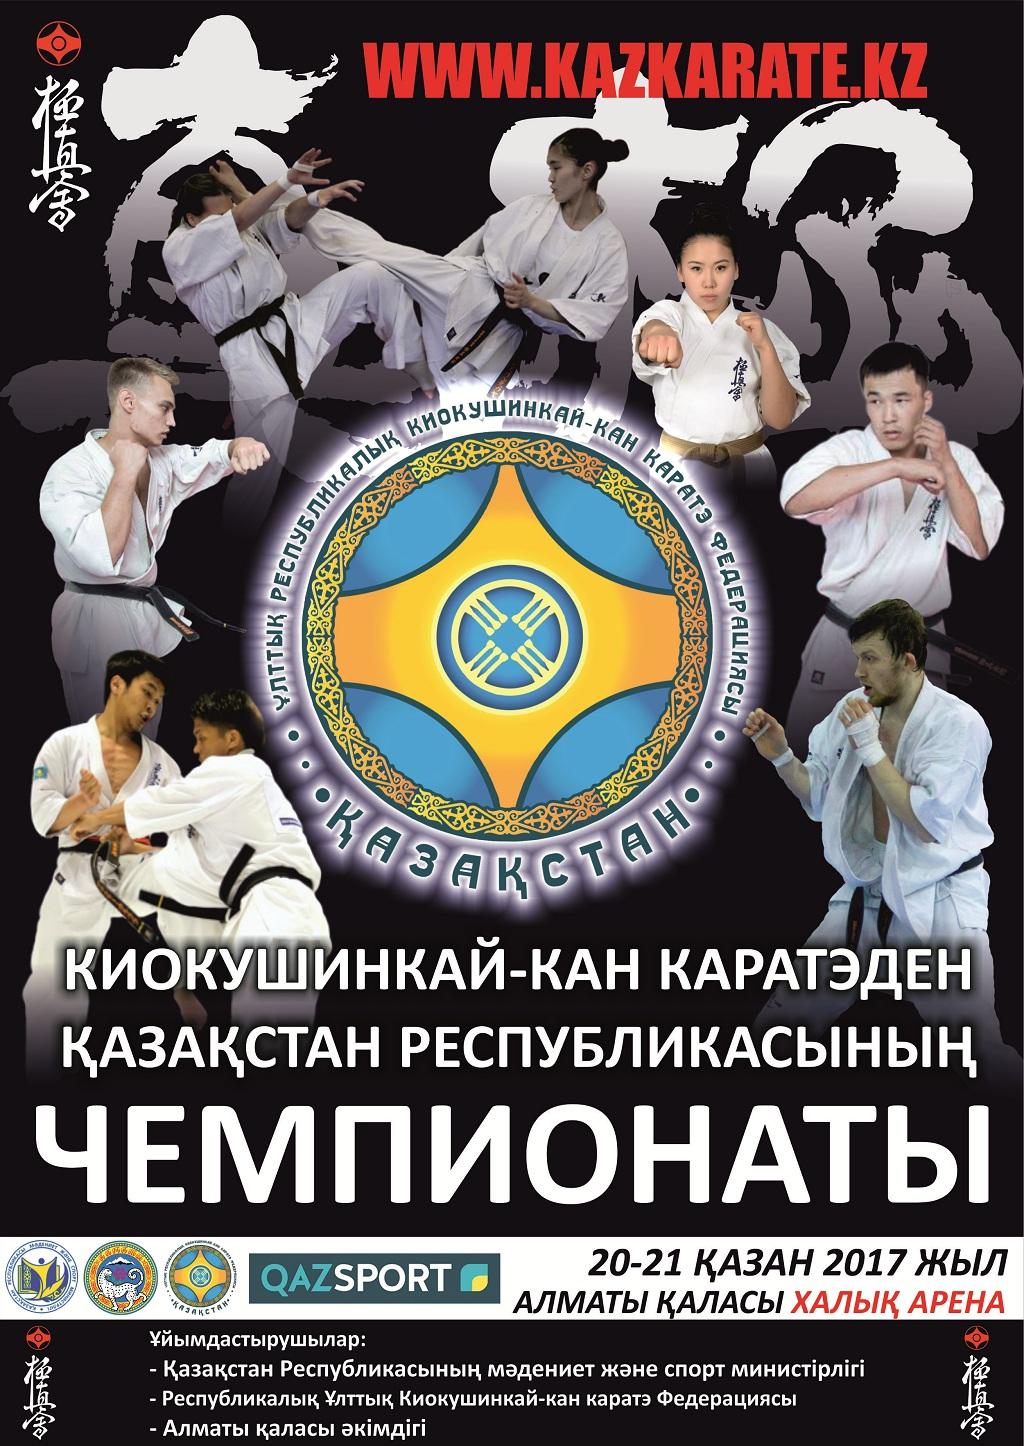 Алматы қаласында киокушинкай-кан каратэден Республика Чемпионаты өтеді